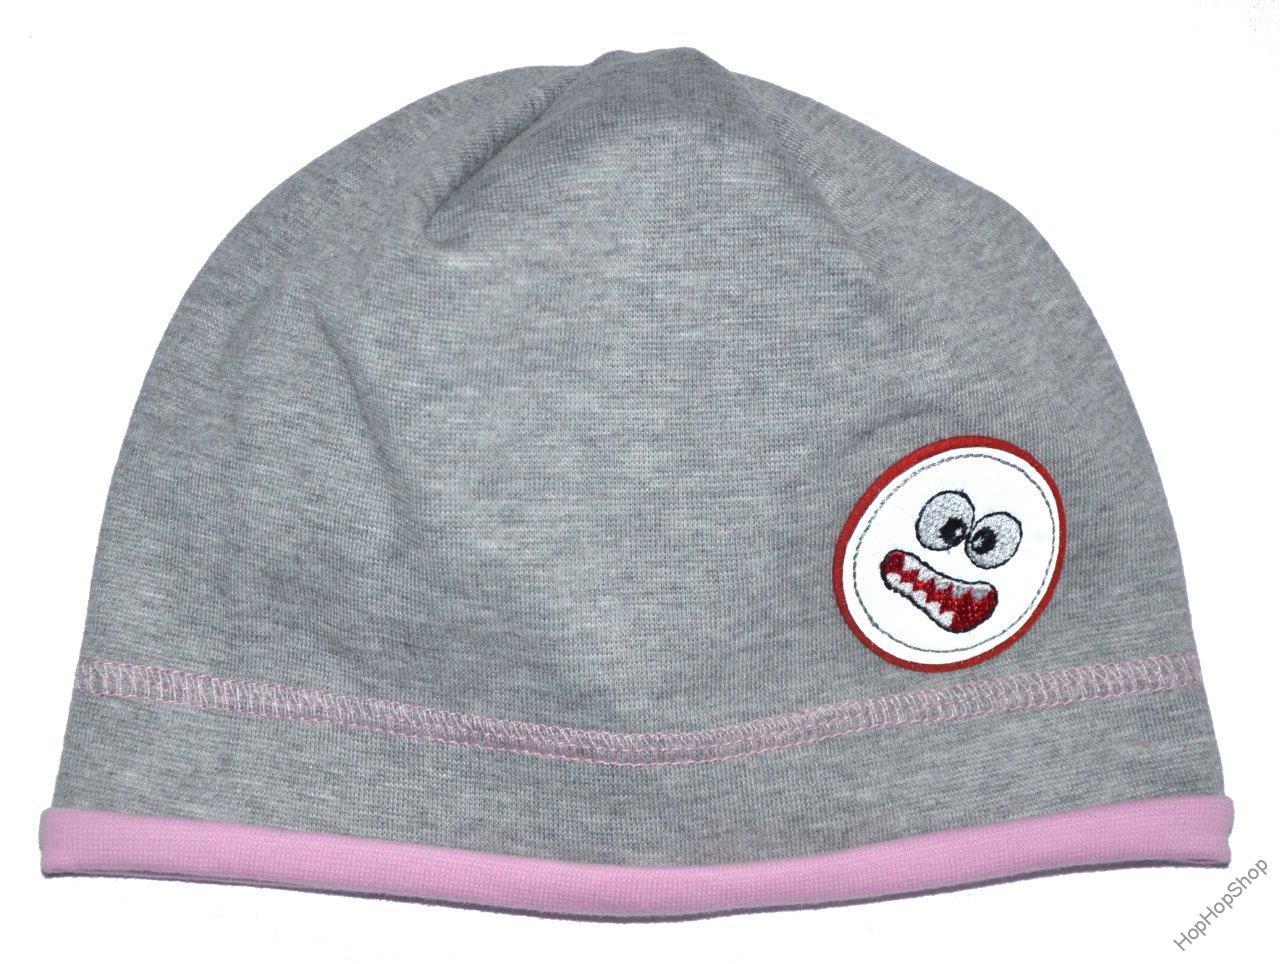 8fac576d5be Karpet Hugo 08 čepice bavlna šedá+růžová A